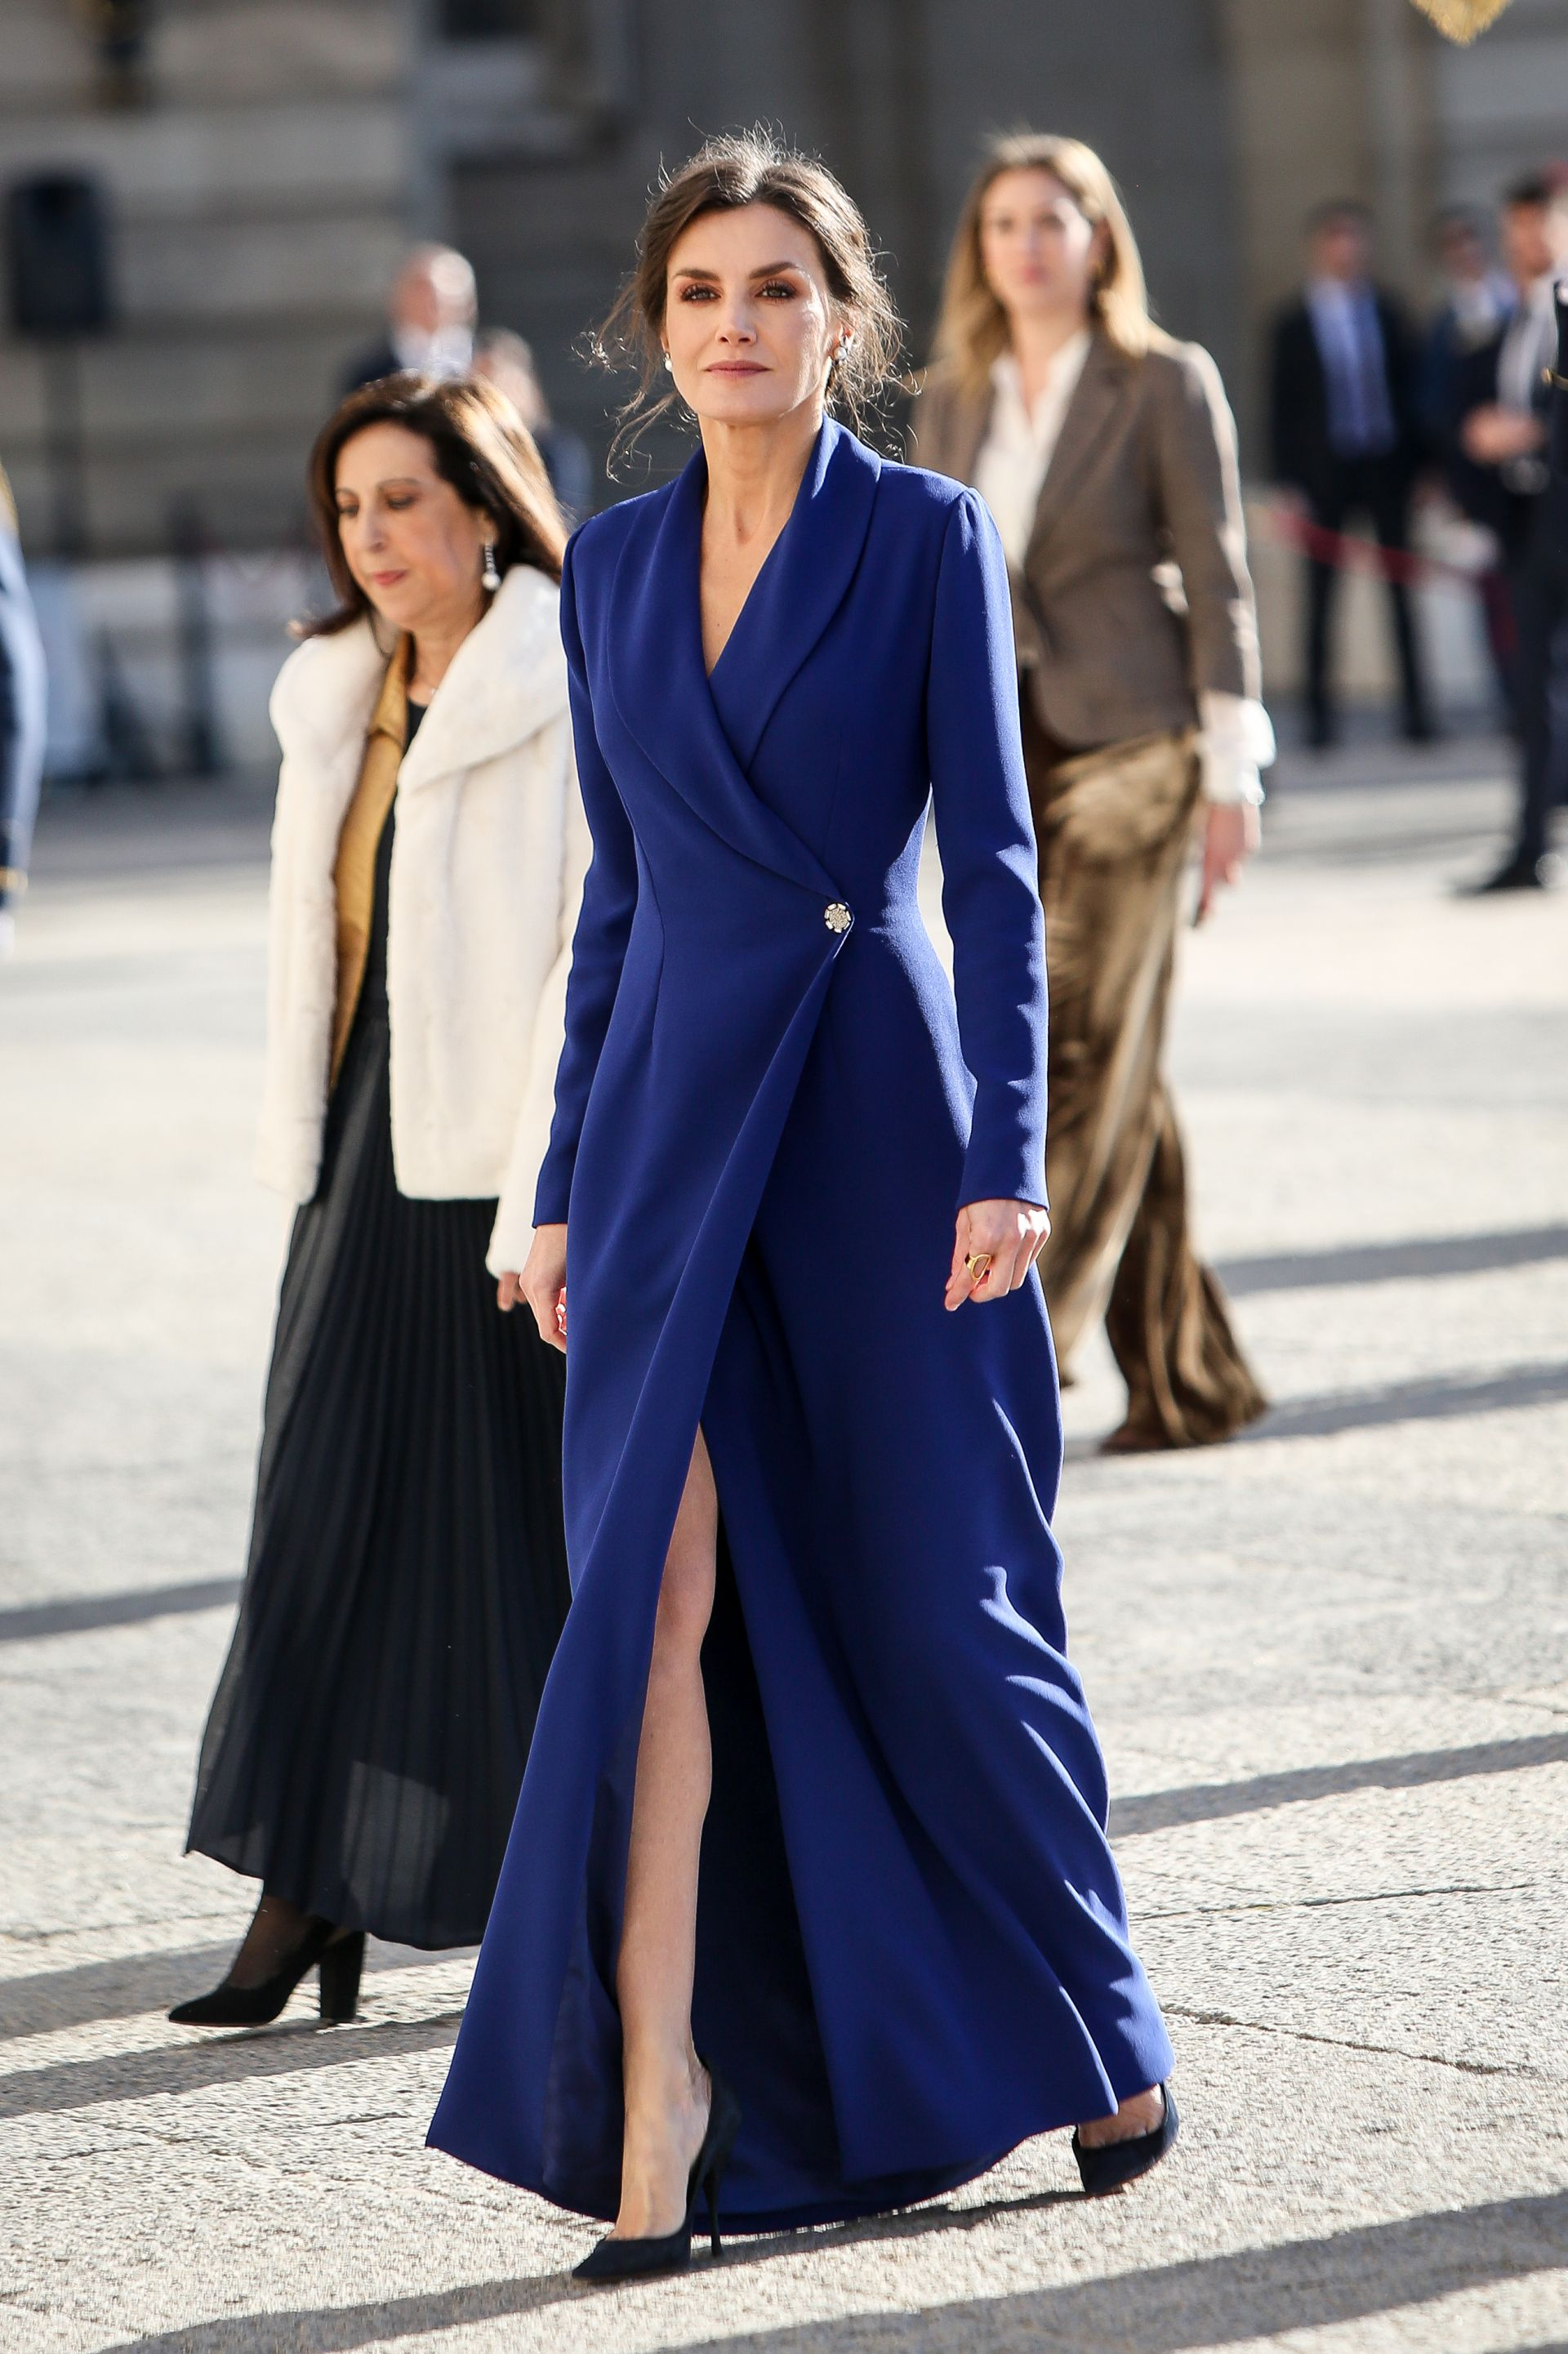 Кралицата на Испания - Летисия на първата си поява за 2020 година - военният парад на 6 януари